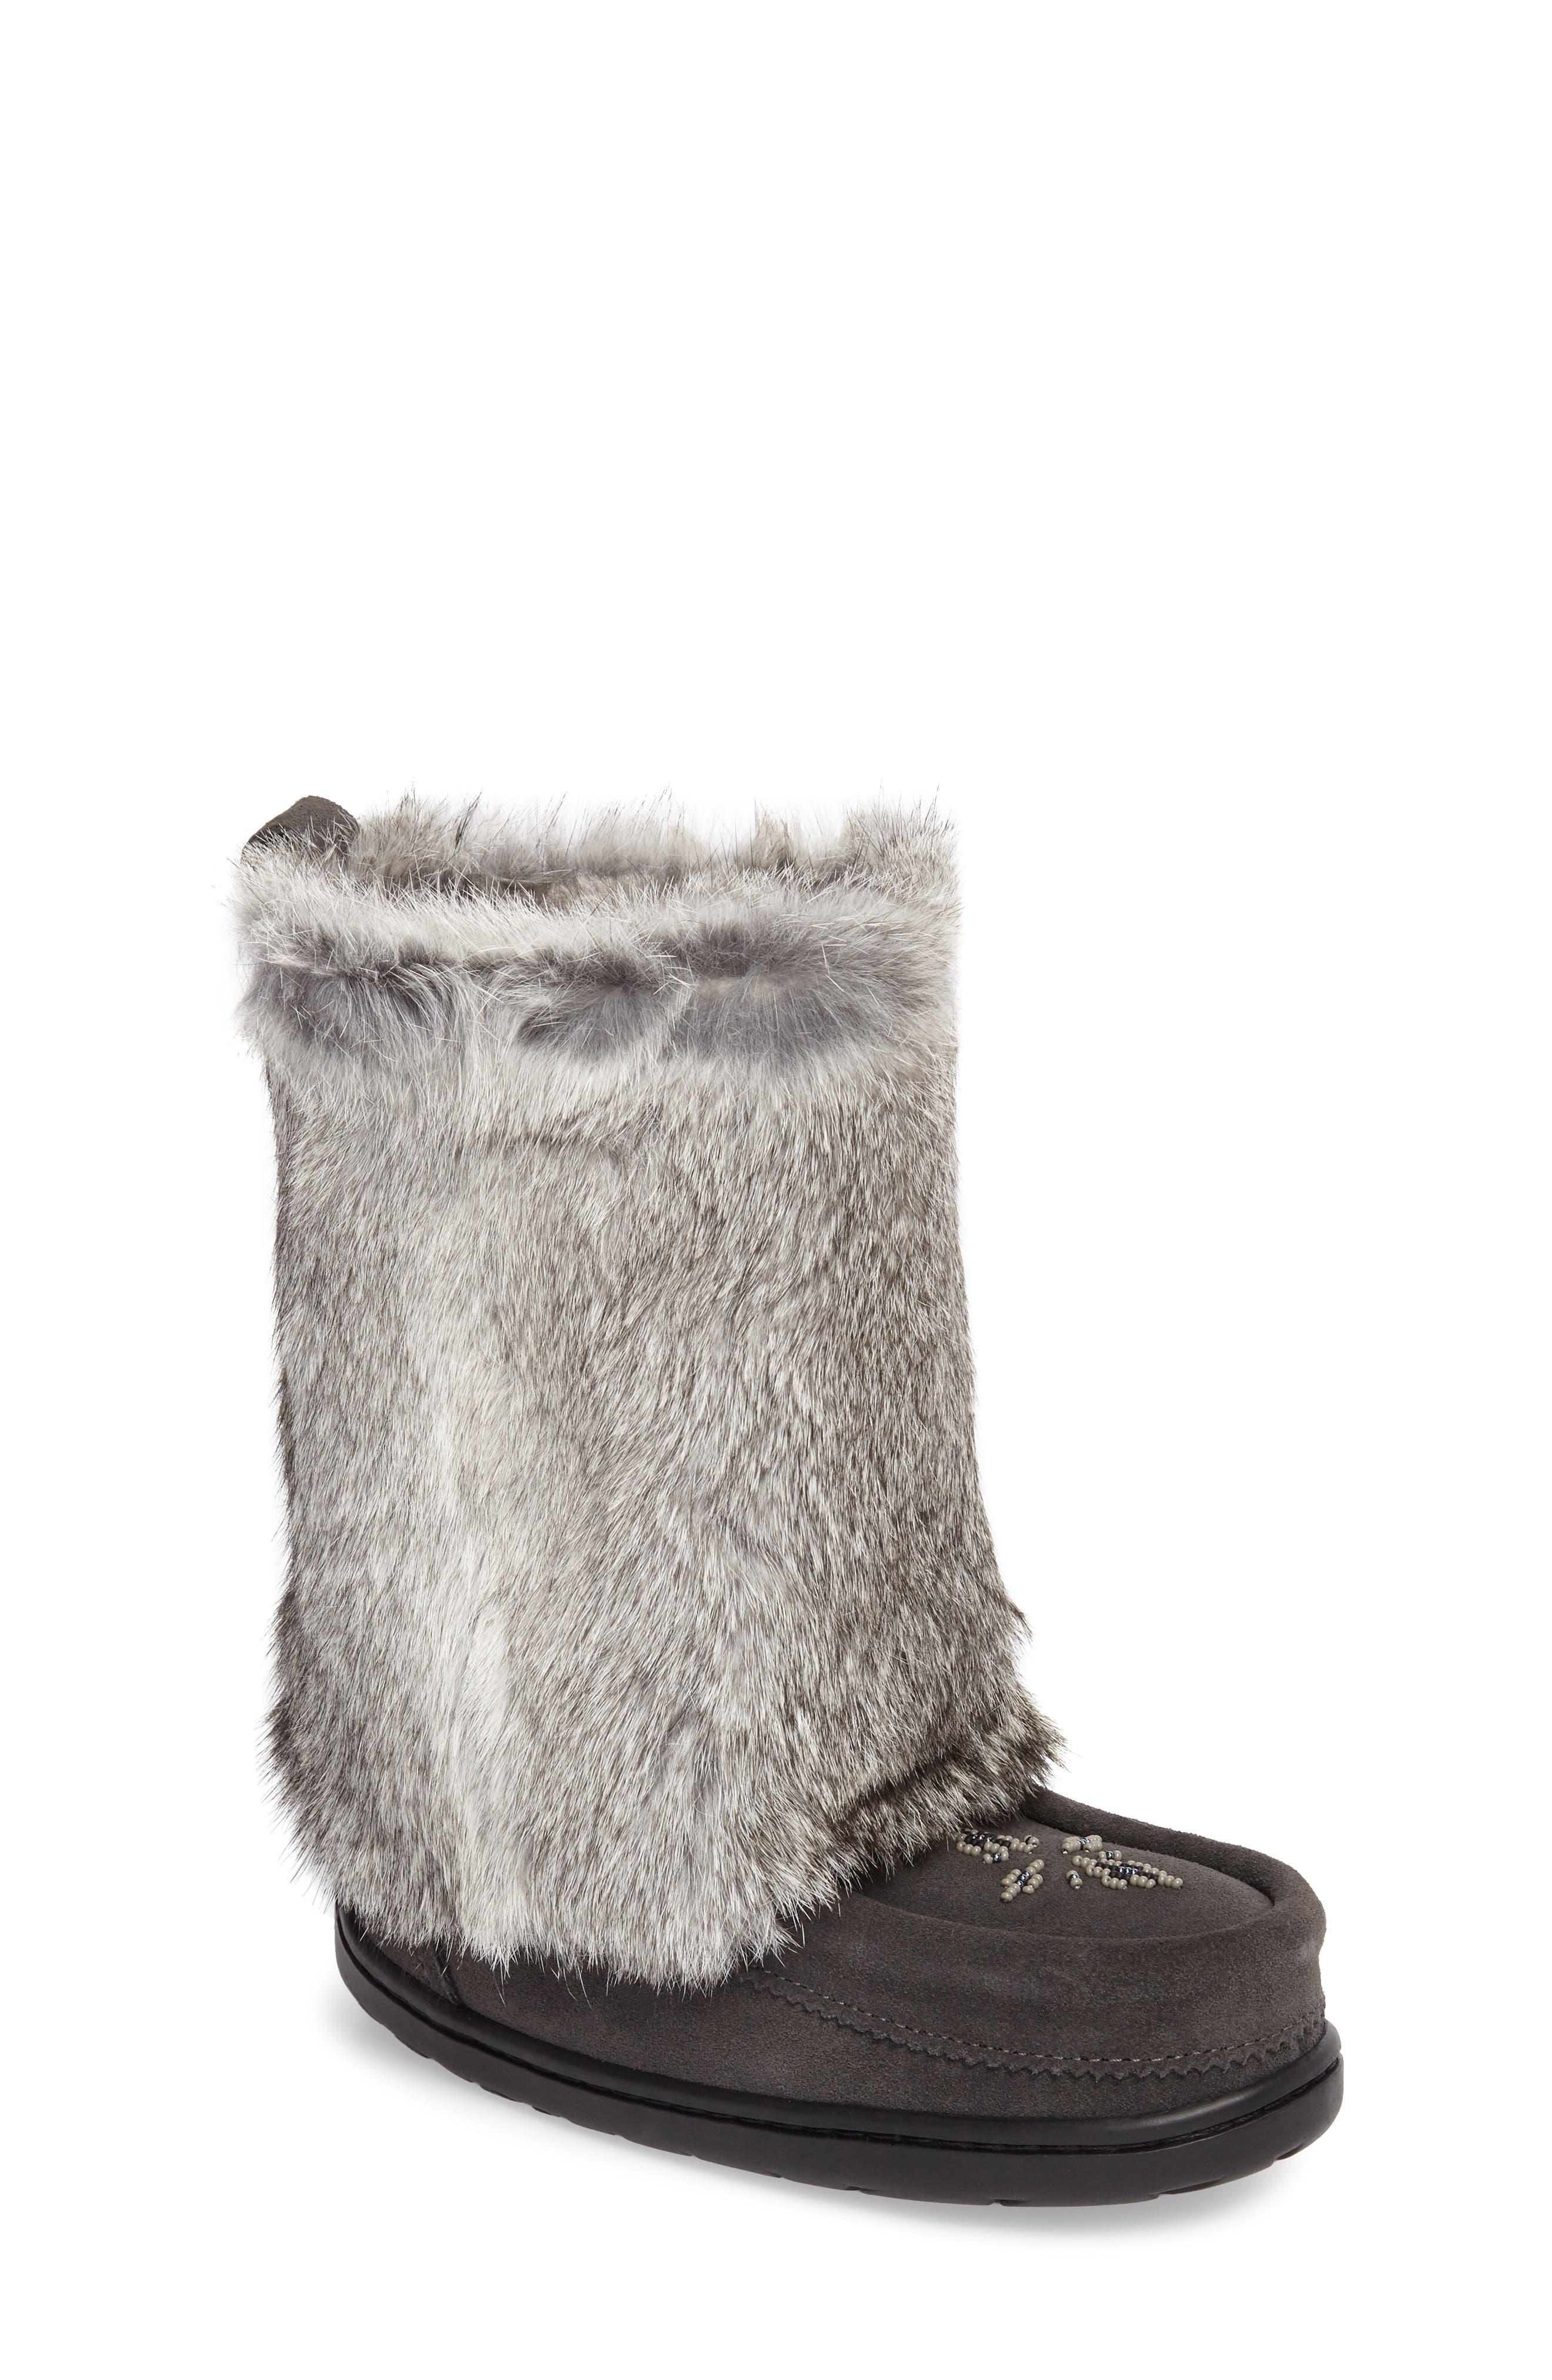 Nordic Genuine Rabbit Fur & Genuine Shearling Mukluk Boot,                         Main,                         color, Charcoal